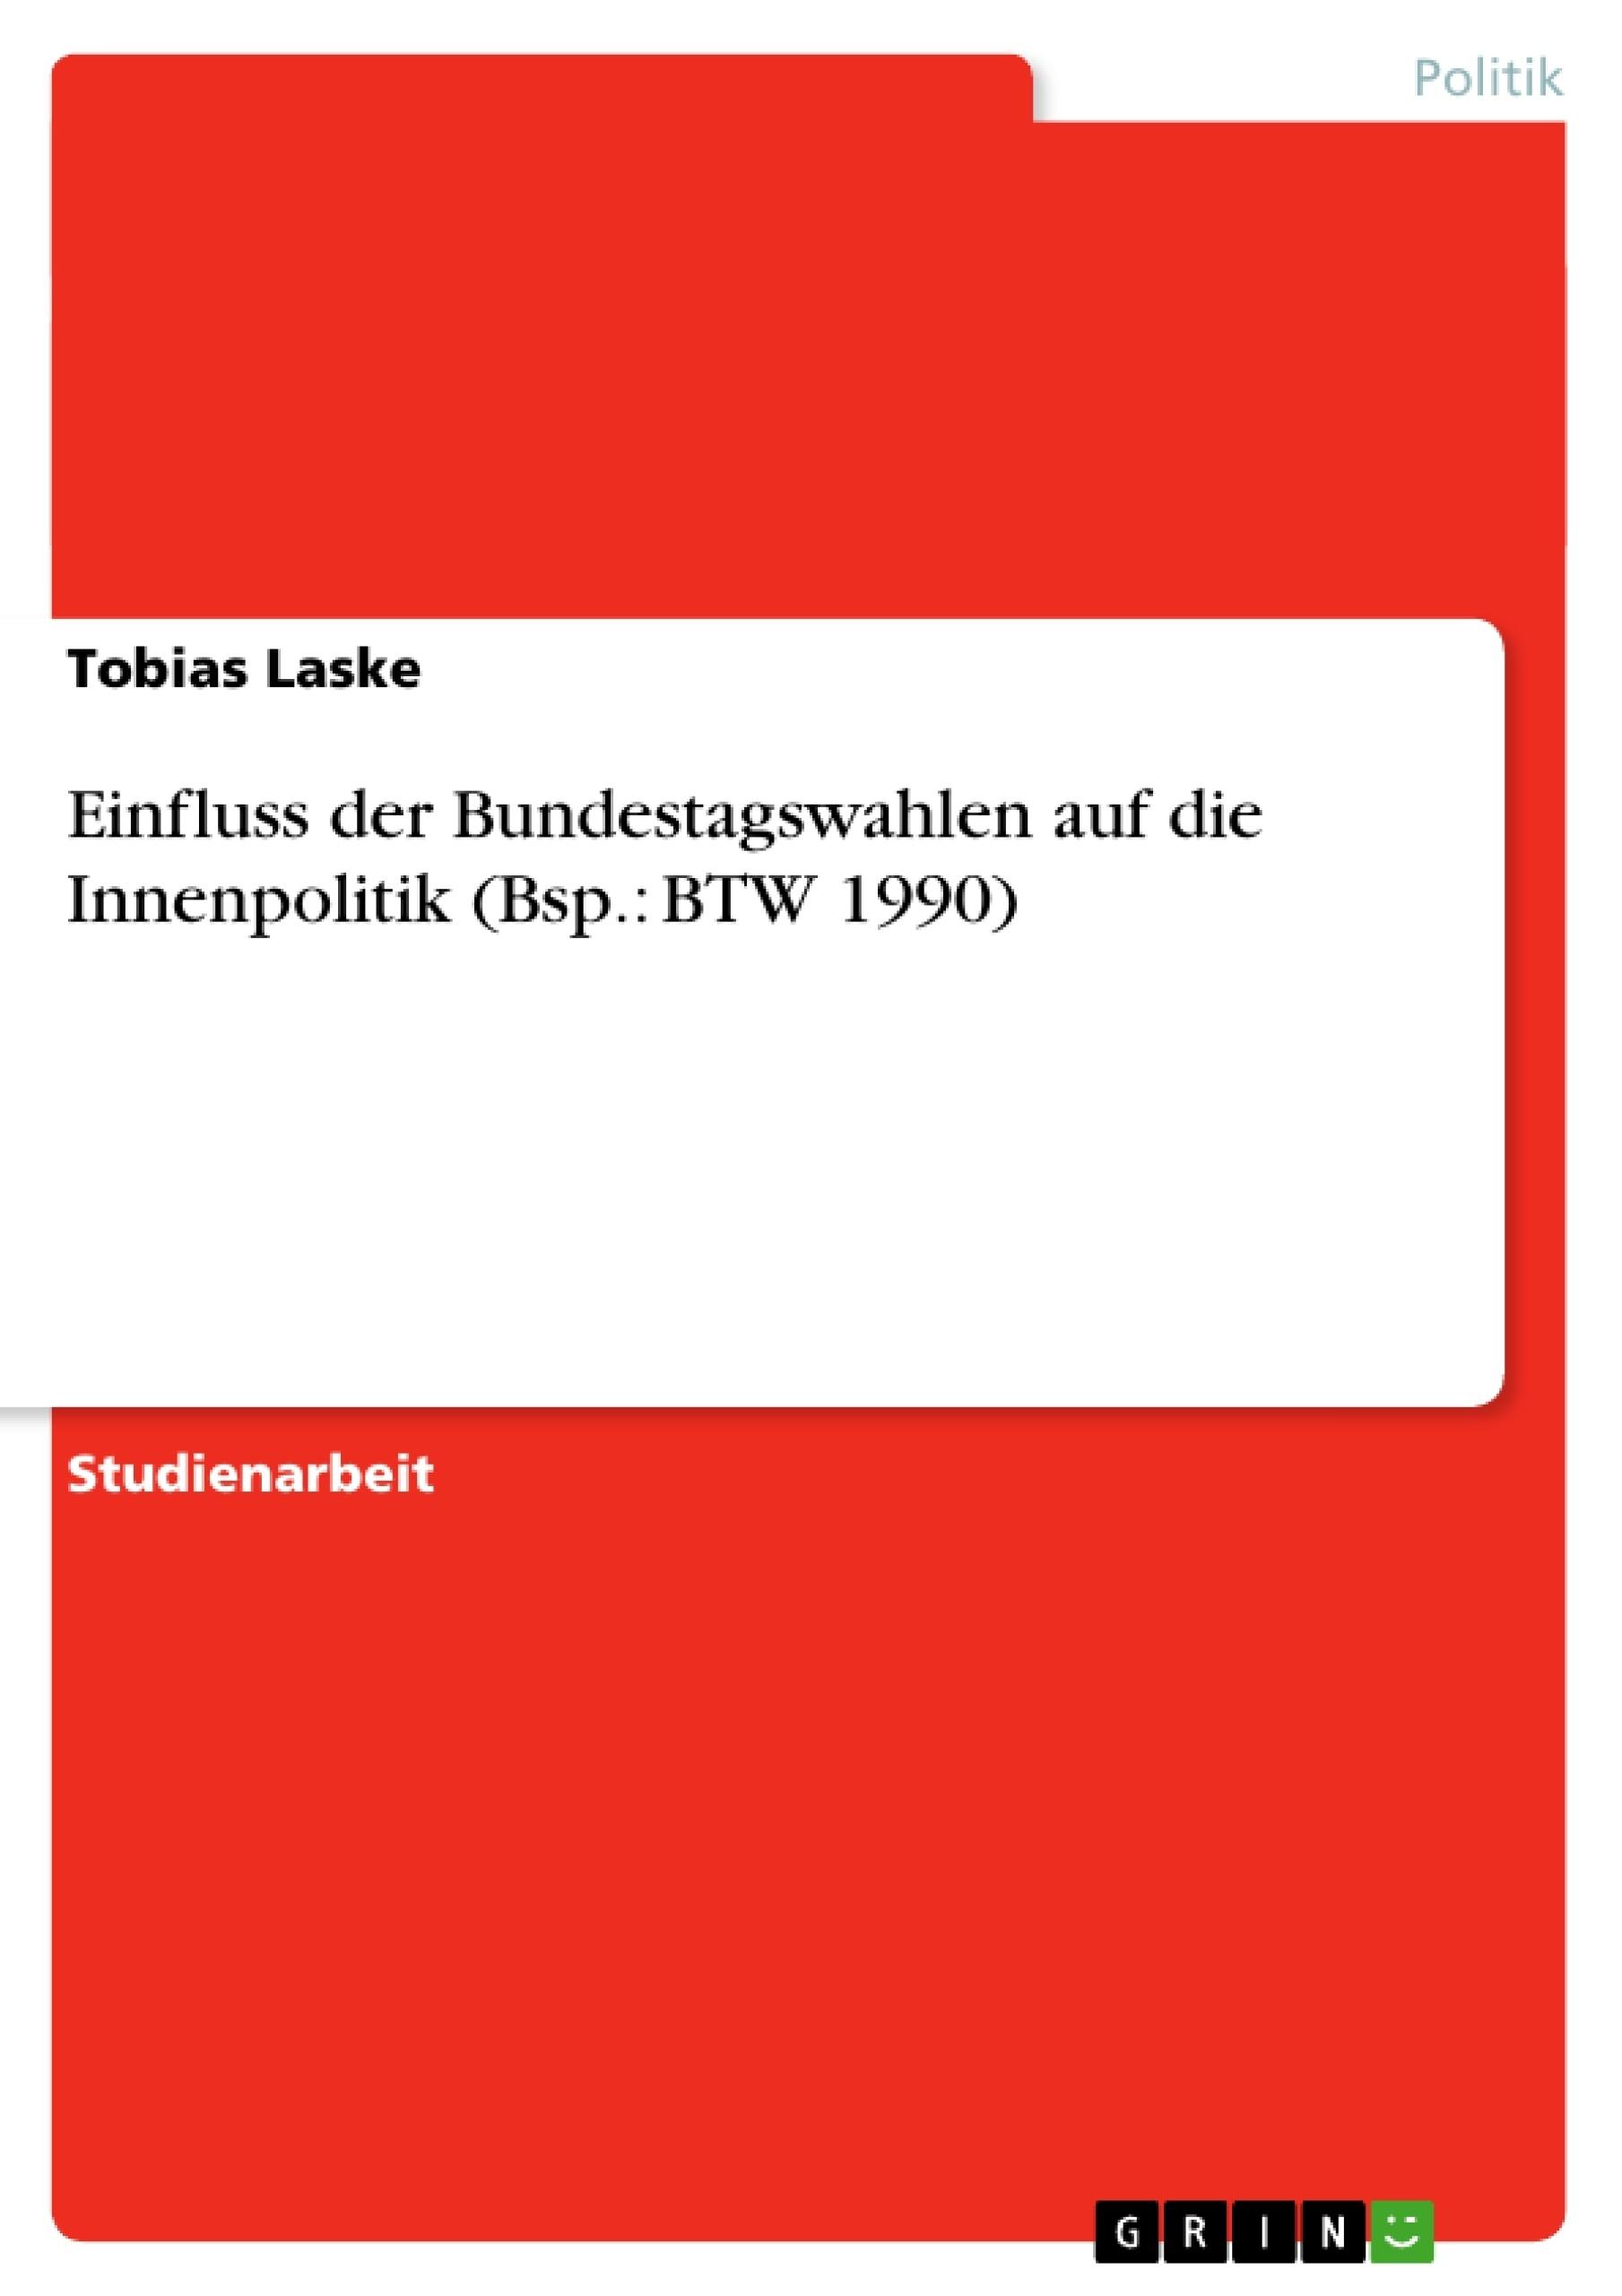 Titel: Einfluss der Bundestagswahlen auf die Innenpolitik (Bsp.: BTW 1990)